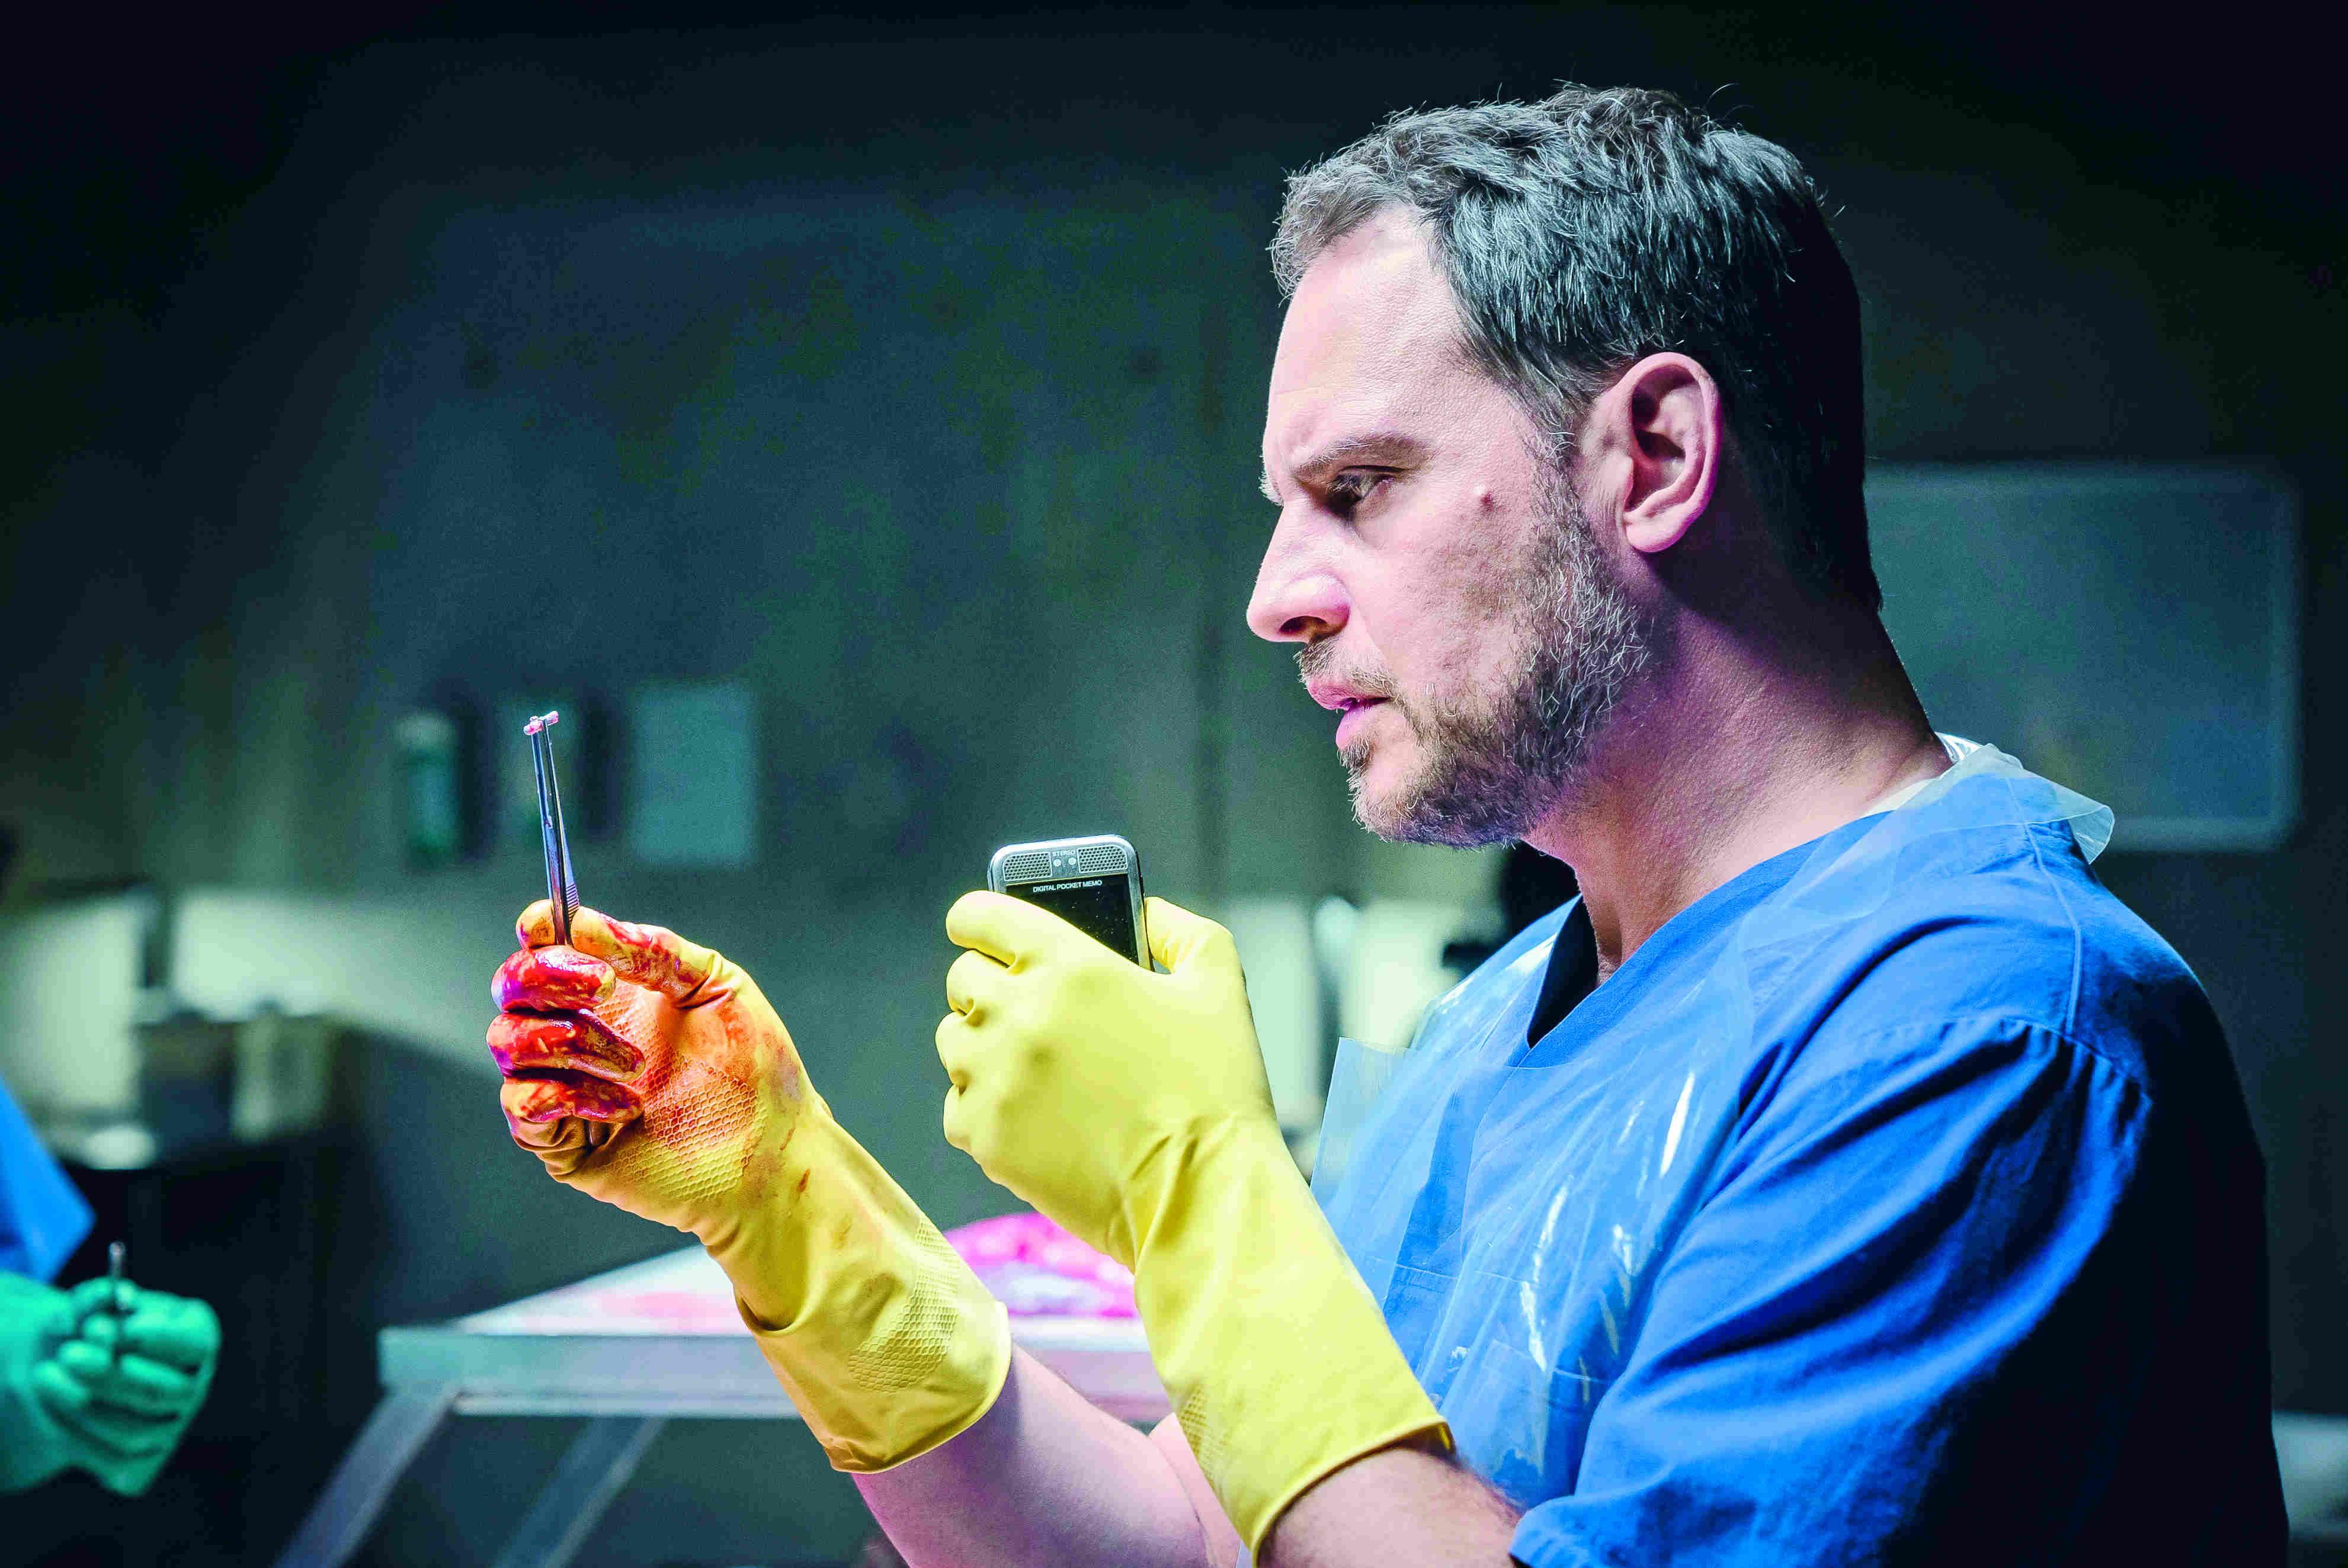 《蘿拉快跑》柏林影帝莫里茲布雷多(Moritz Bleibtreu)在燒腦分屍片《抽屍剝繭》扮演遭到殺人魔薩德勒勒索的法醫